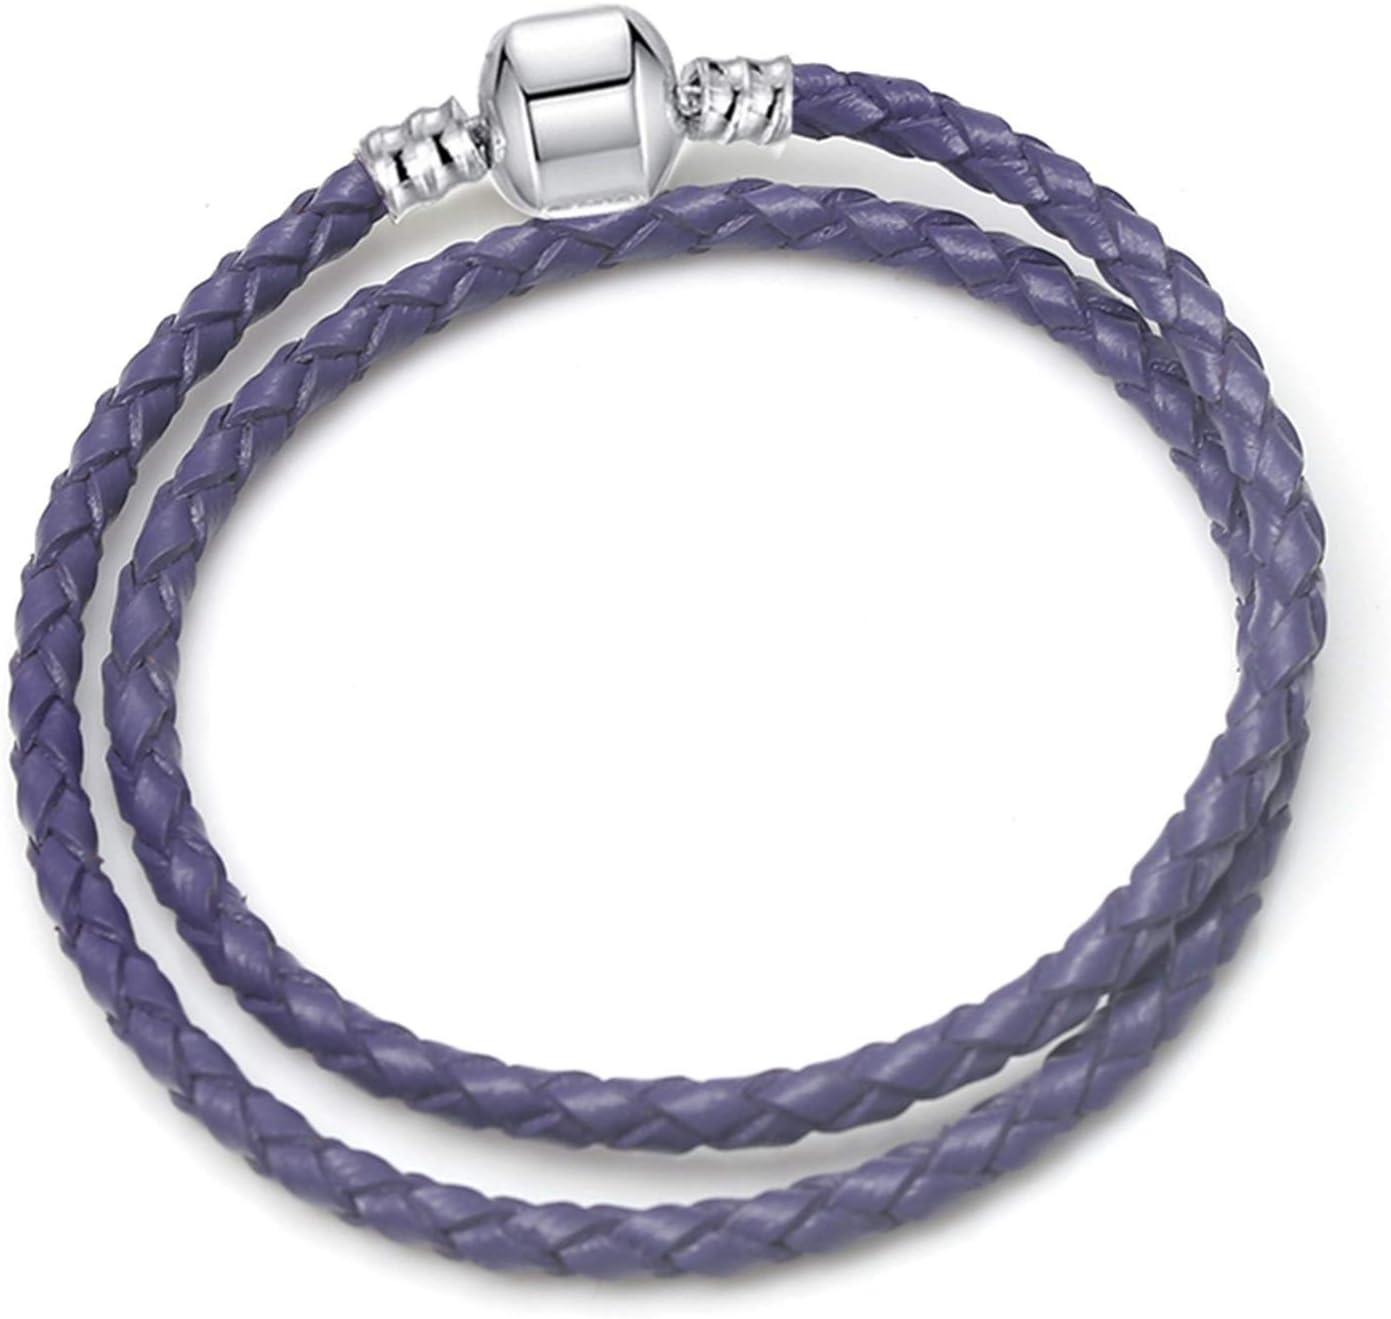 JIEERCUN Charm Bracelet Cute Max 84% OFF Mouse Basic fine Snake 5 popular Bracel Chain